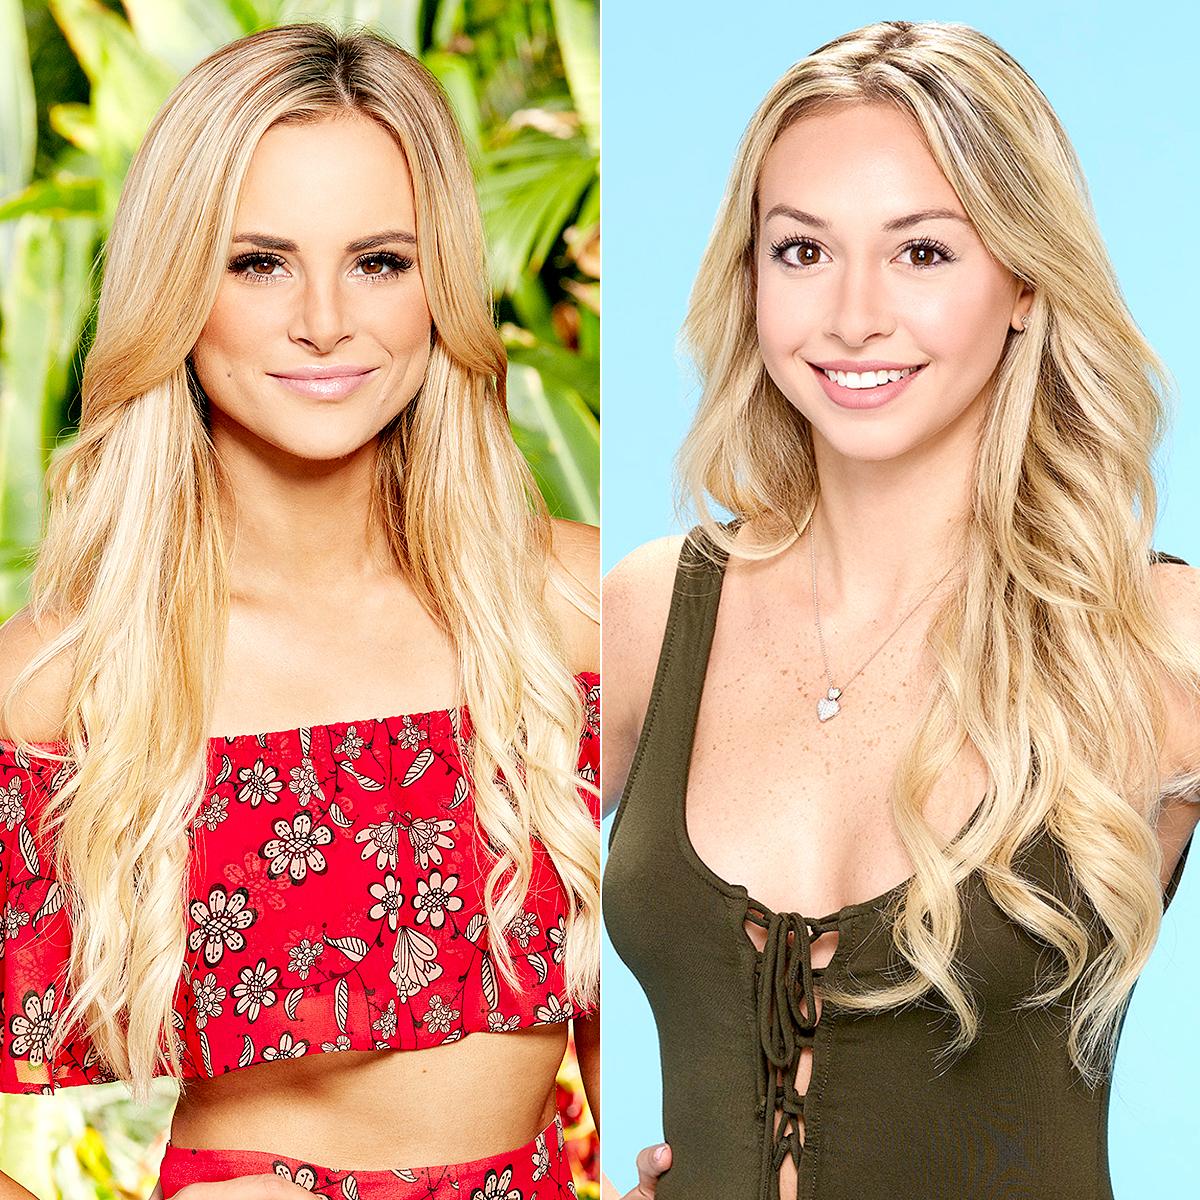 Amanda and Corinne